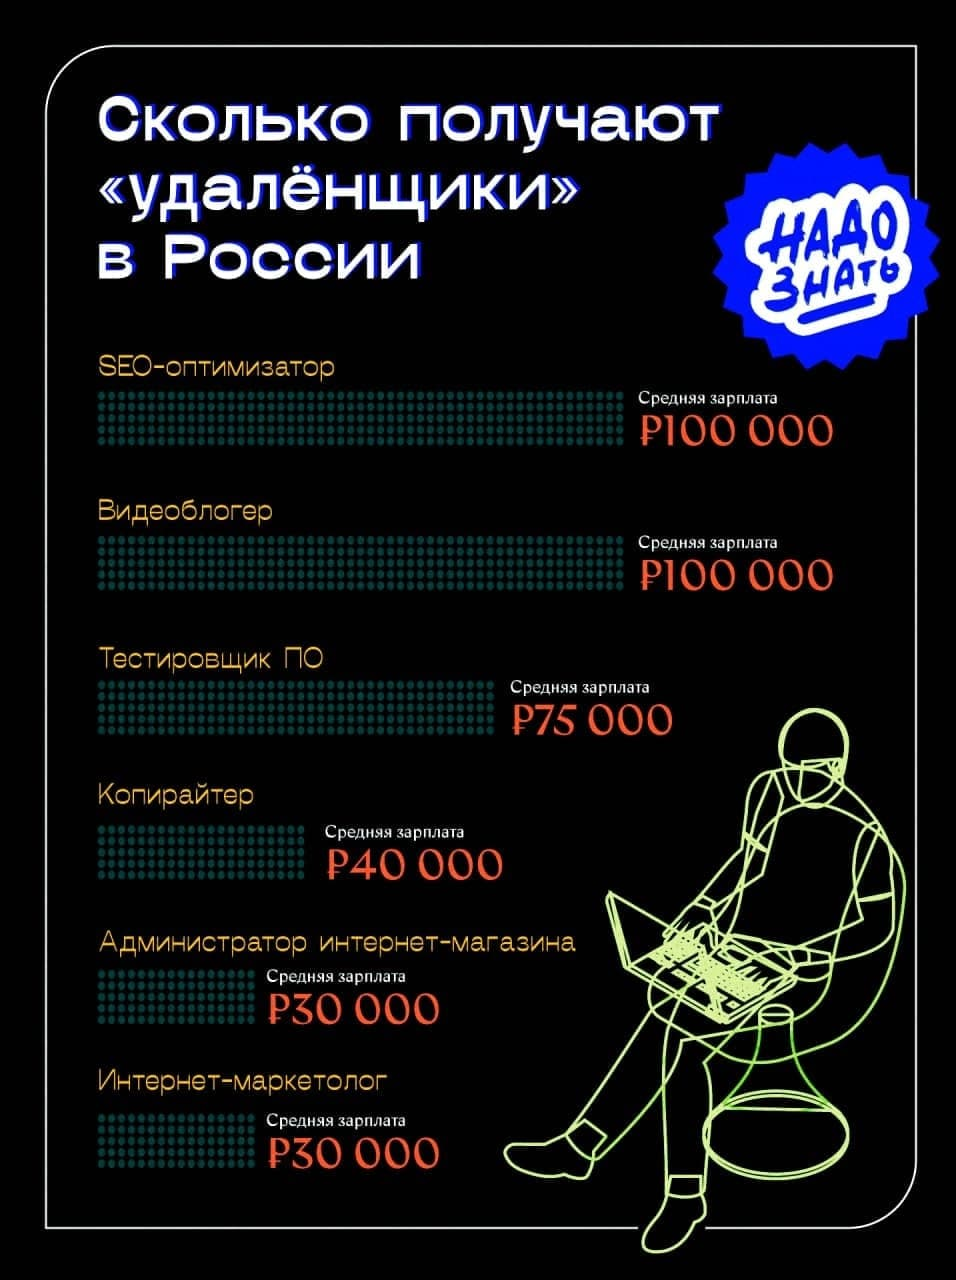 Сколько получают «удалёнщики» в России